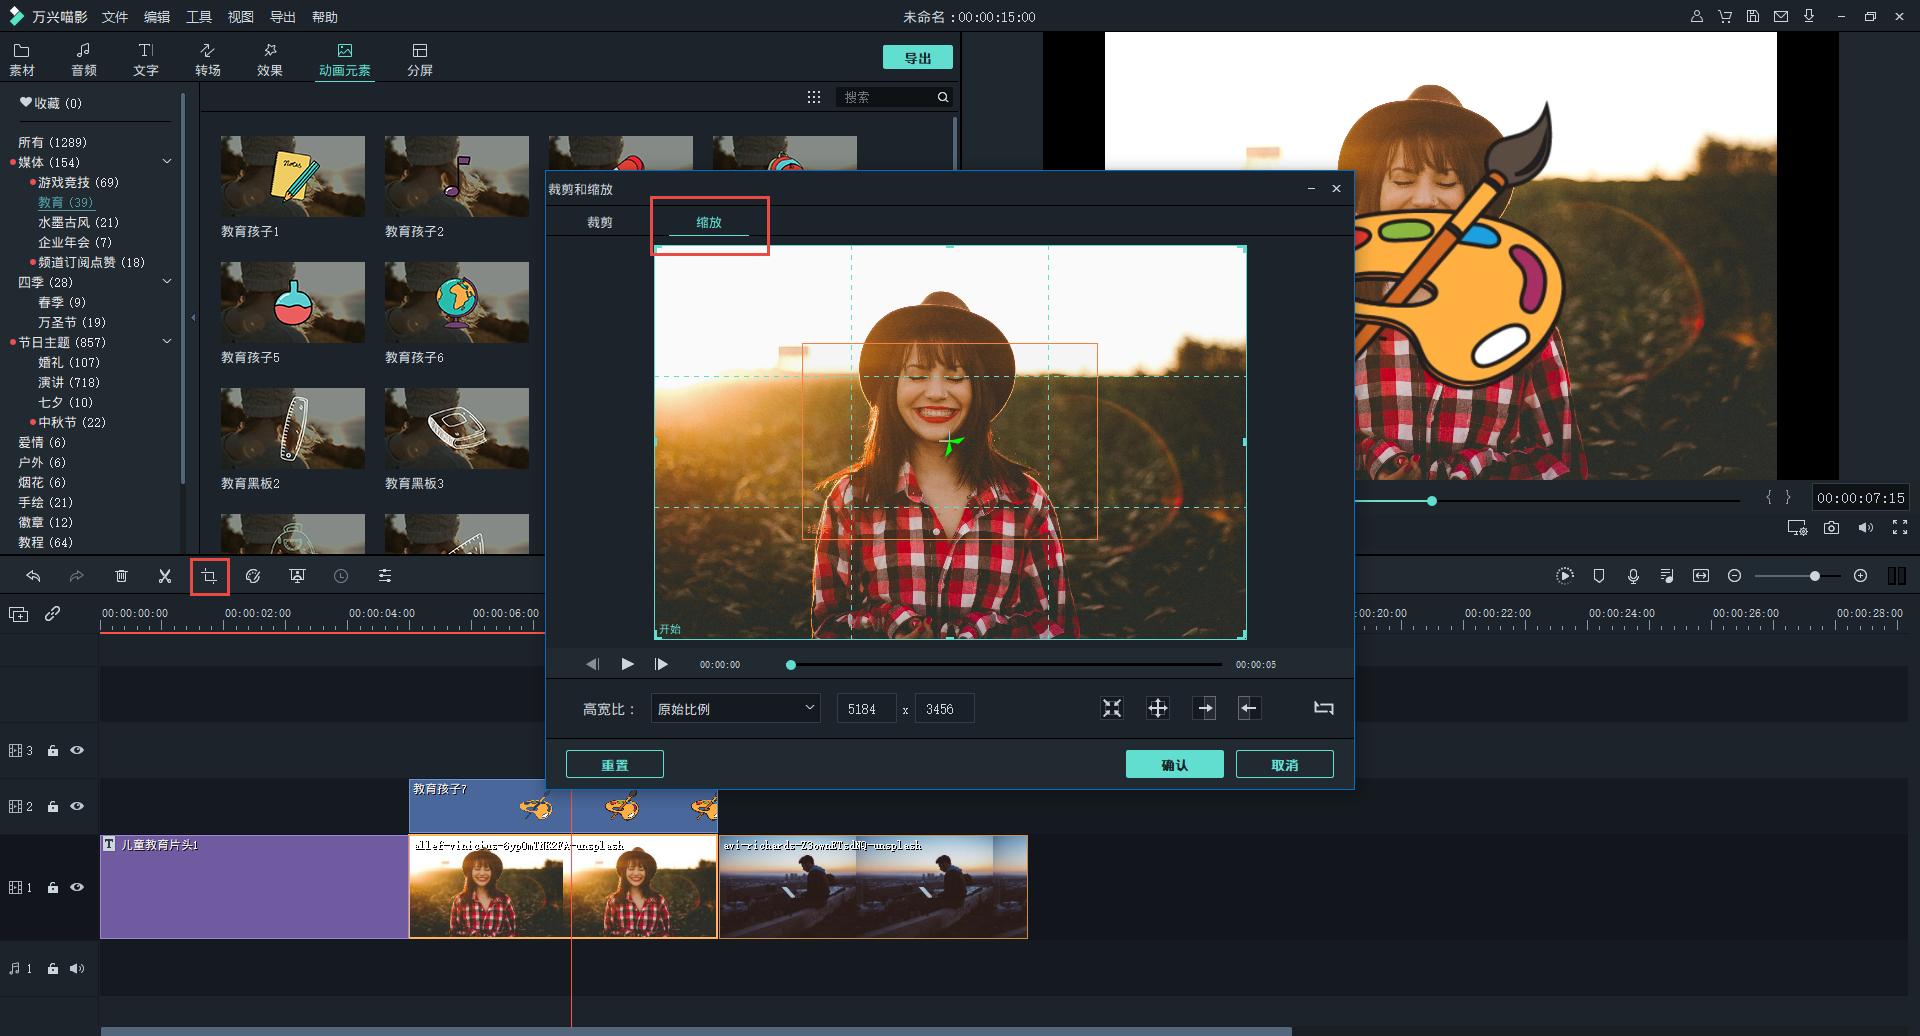 怎么制作成长记录相册视频